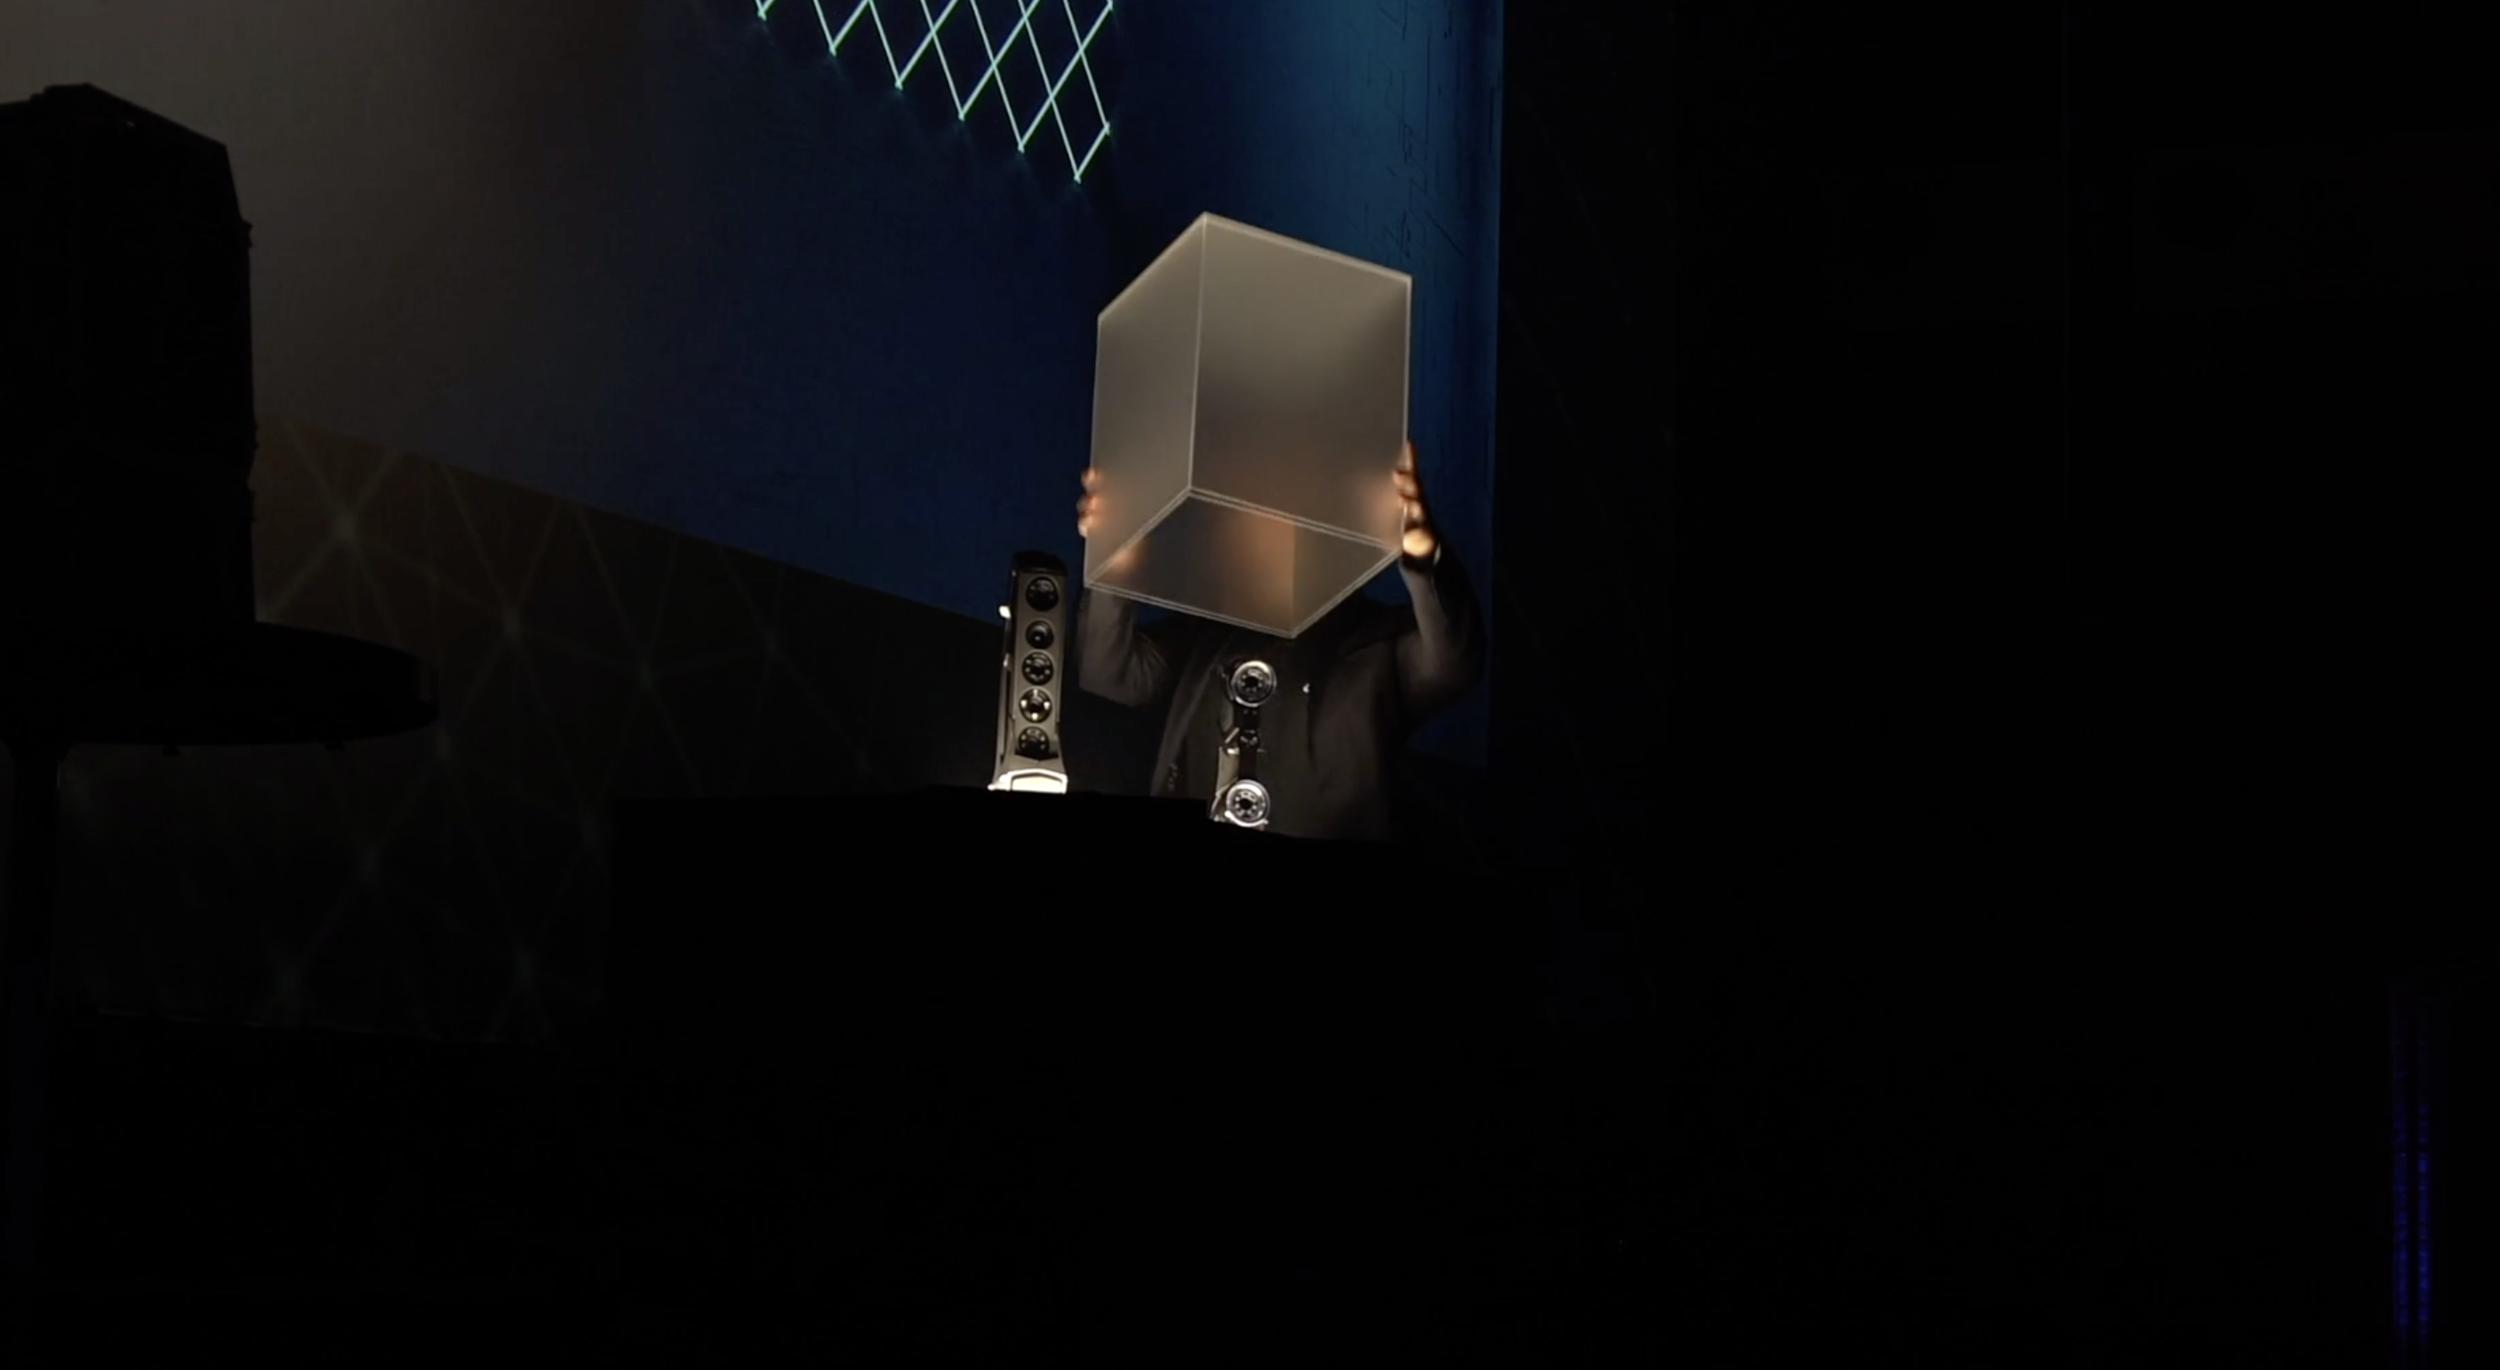 Création et fabrication d'une station et d'un cube lumineux pour dévoilement de produit